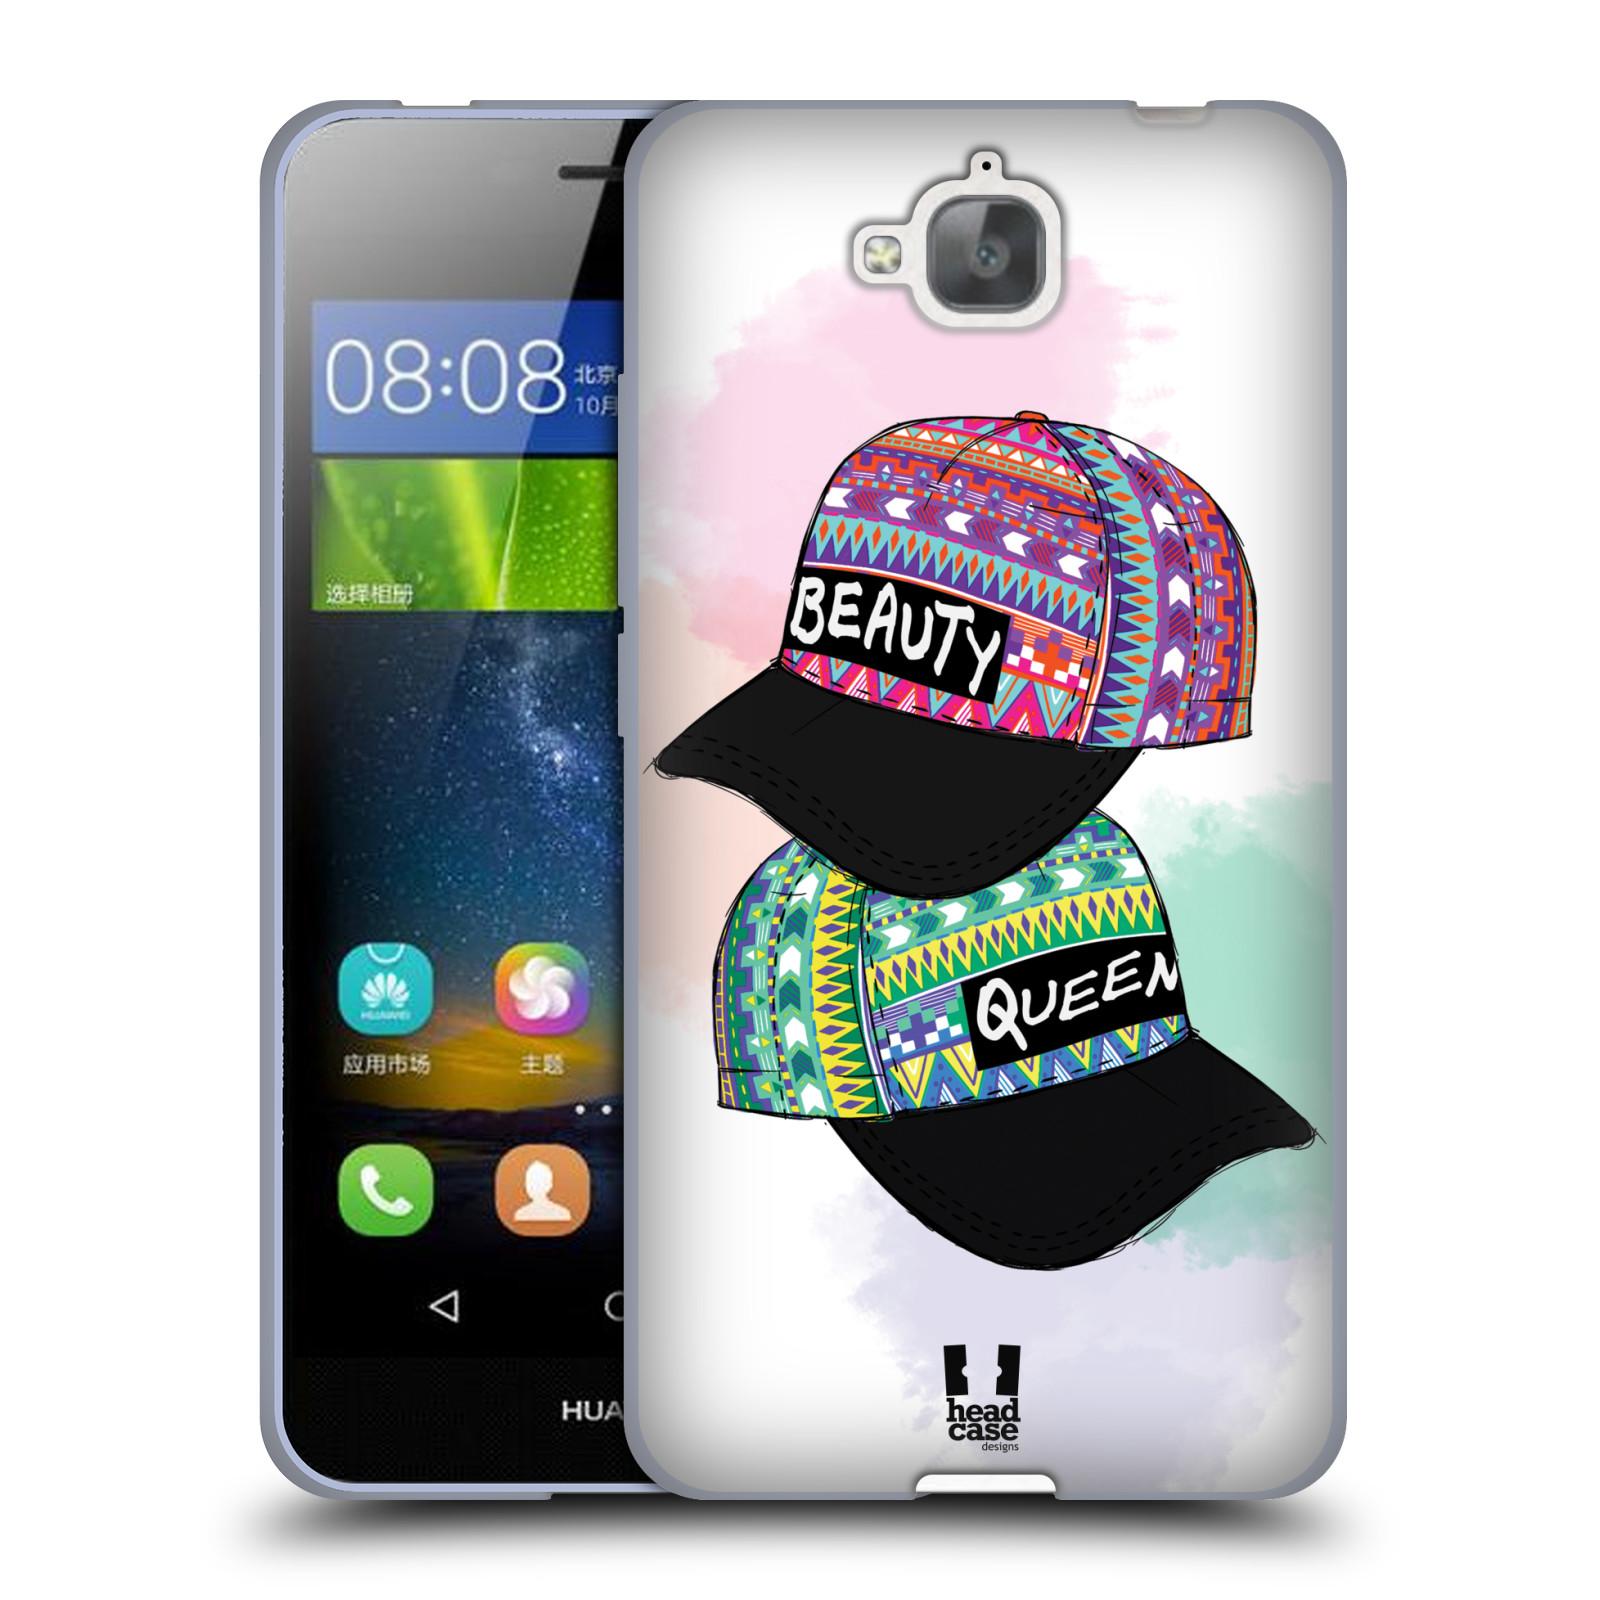 Silikonové pouzdro na mobil Huawei Y6 Pro Dual Sim HEAD CASE AZTEC ČAPKY